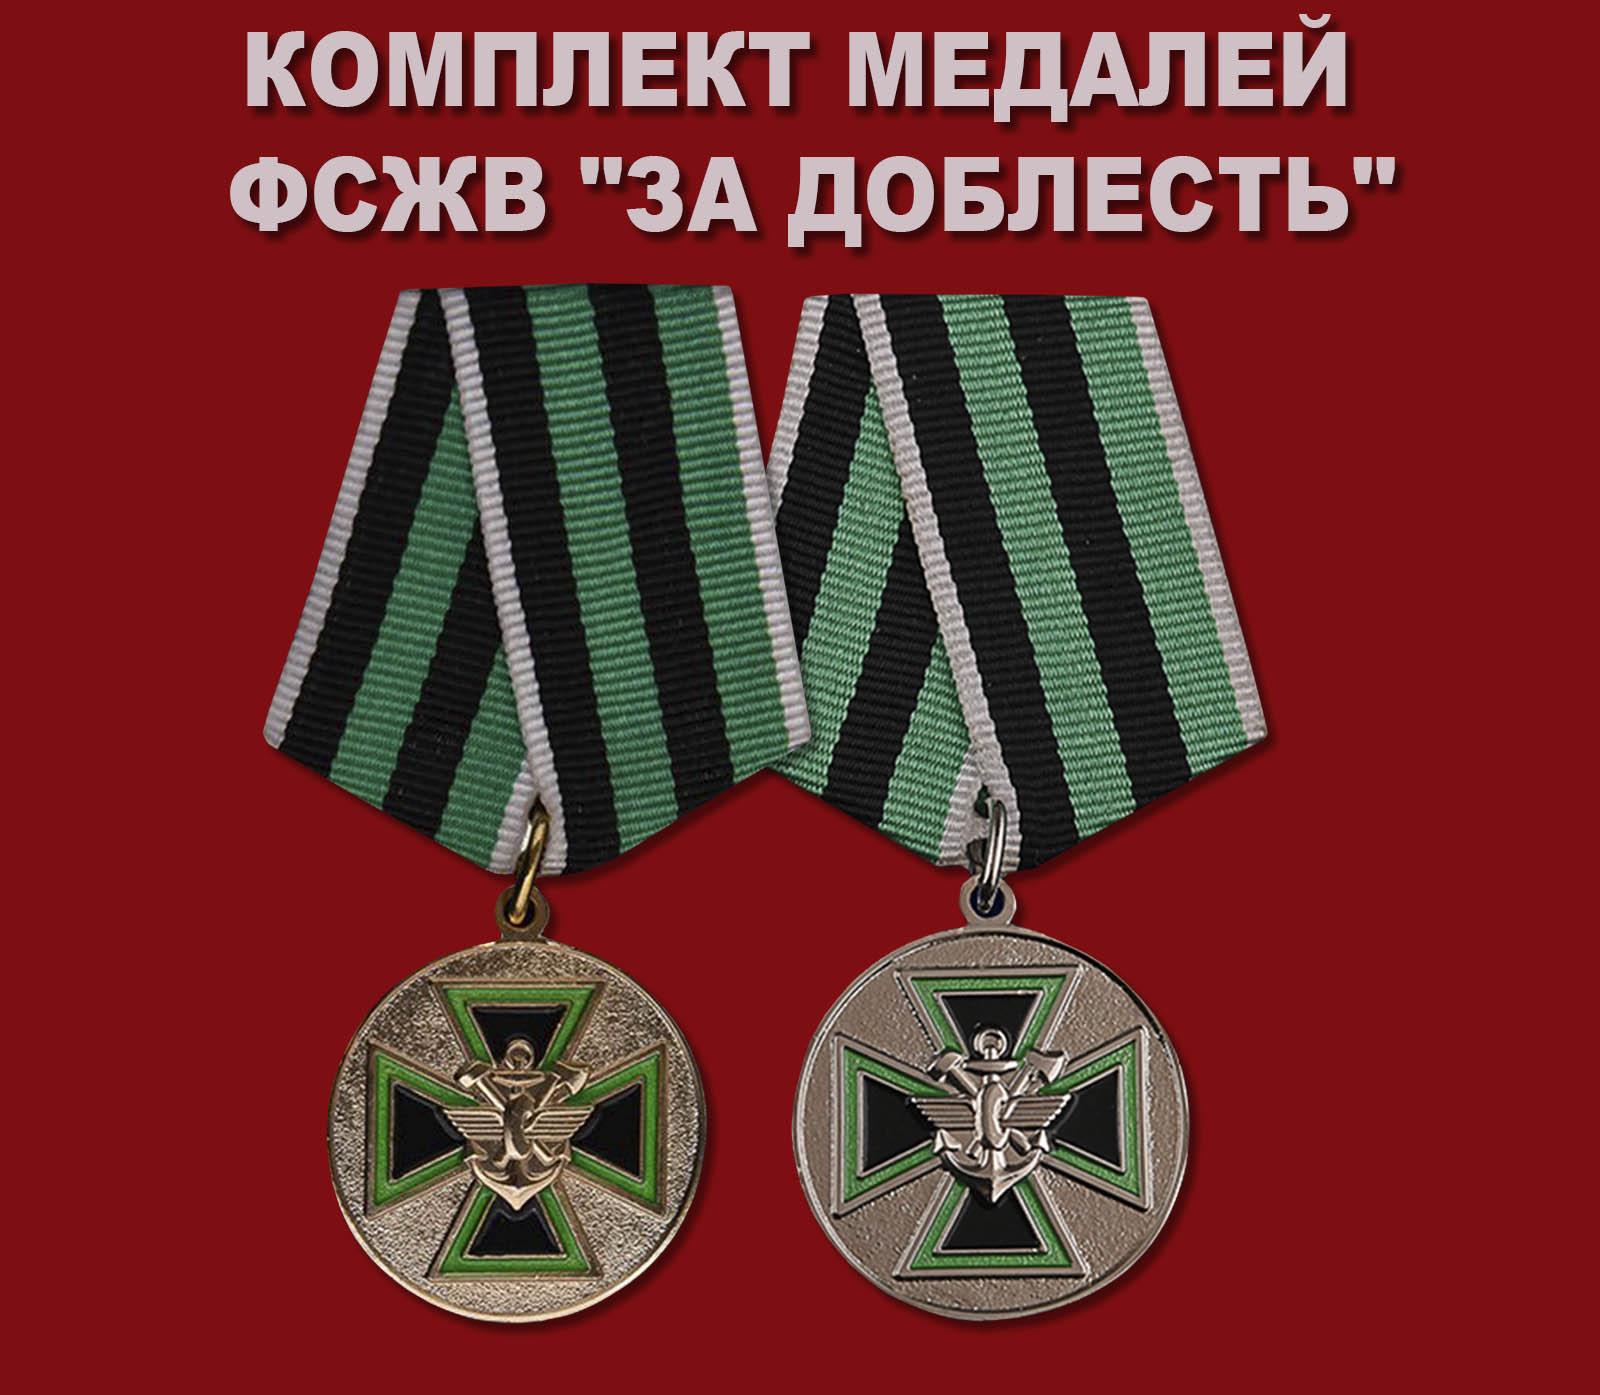 """Комплект медалей ФСЖВ """"За доблесть"""""""